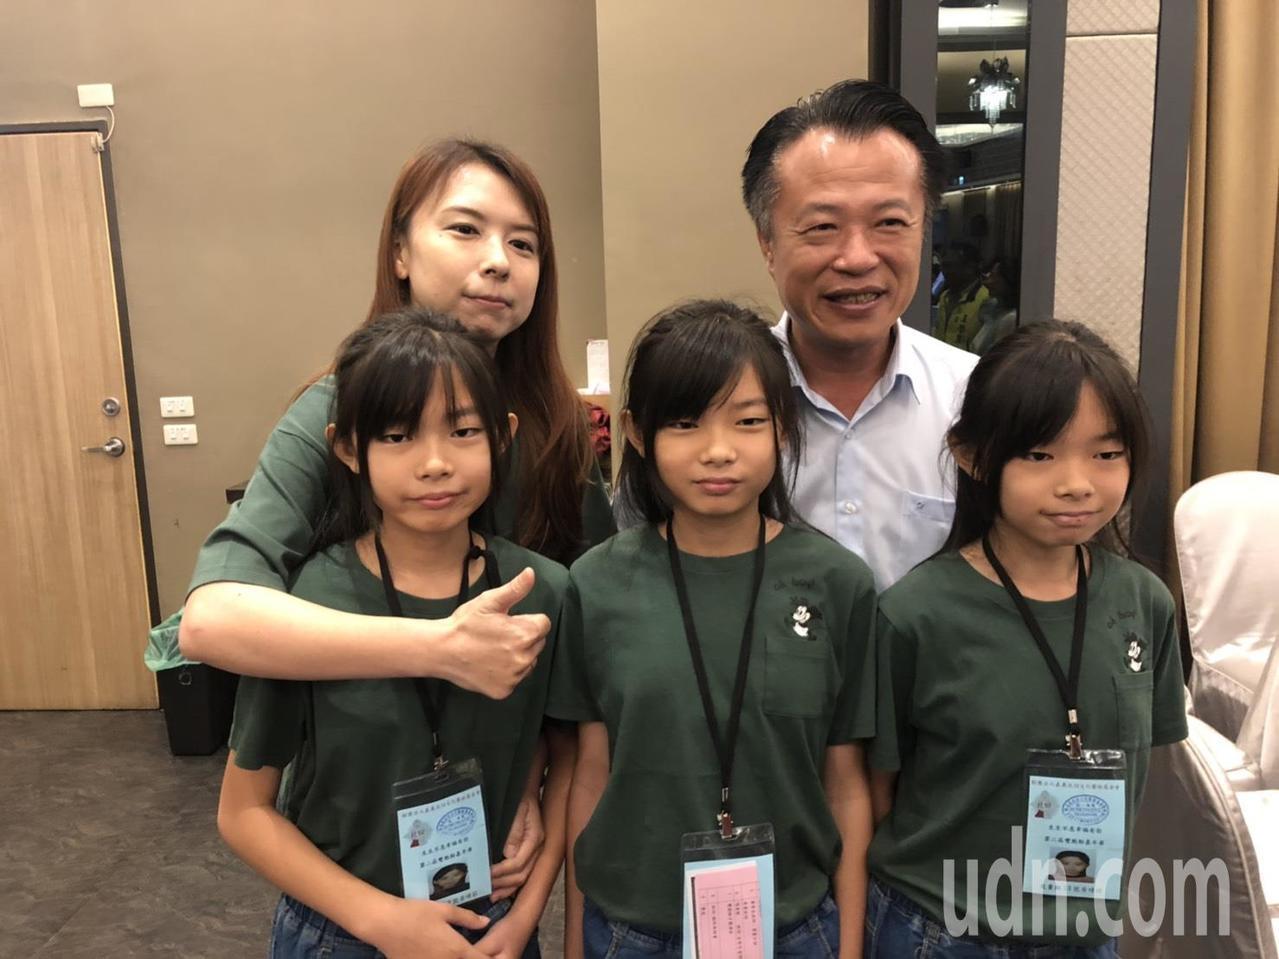 嘉義縣長翁章梁(後排右一)與三胞胎家庭合照。記者李承穎/攝影